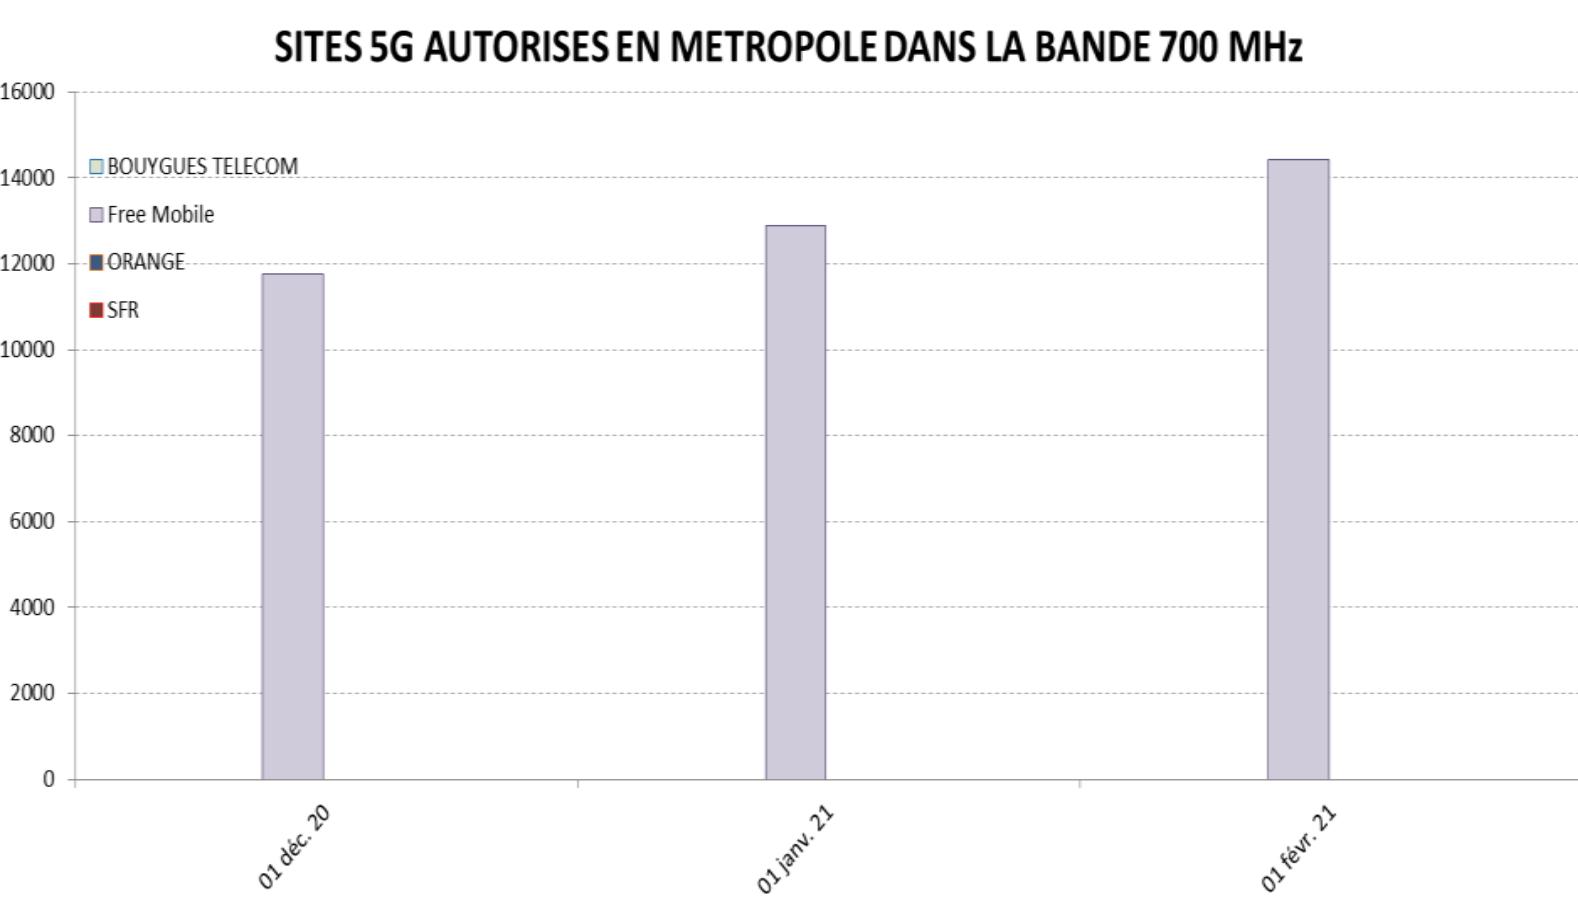 Historique des sites 5G autorisés en métropole, par opérateur depuis décembre 2020 © ANFR